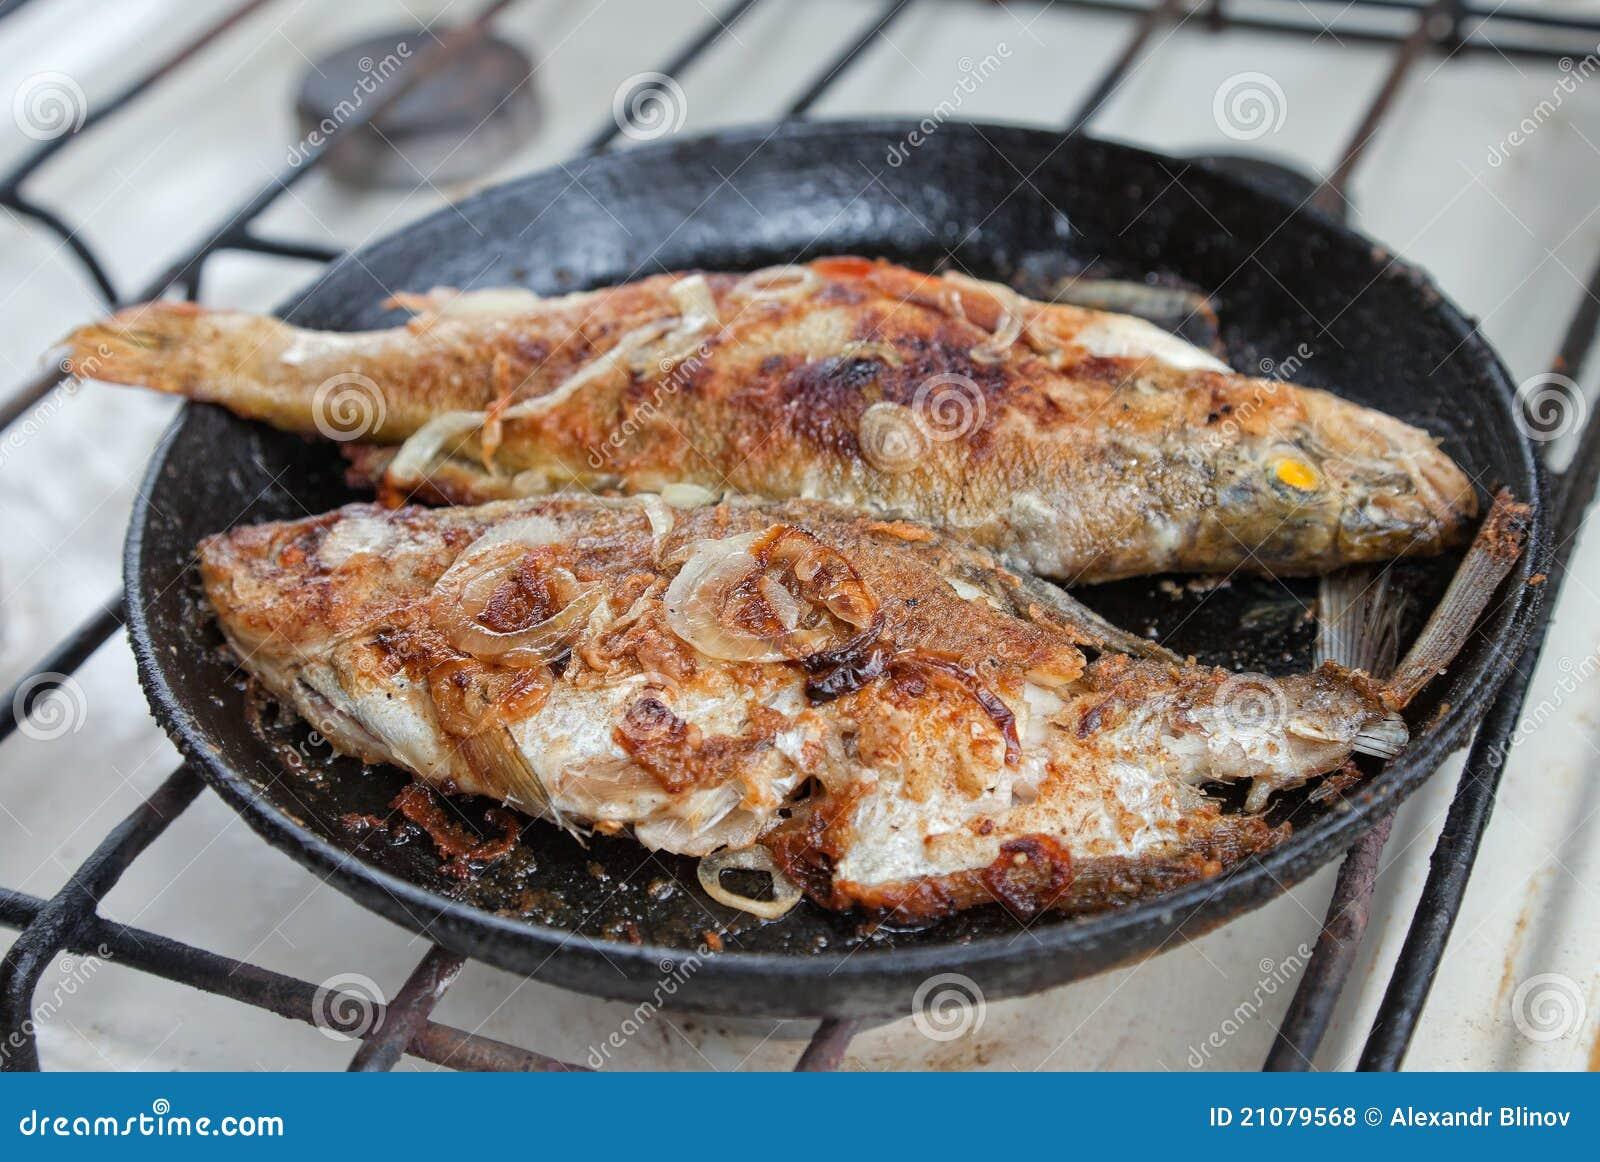 Рецепт окунь жареный на сковороде рецепт пошагово